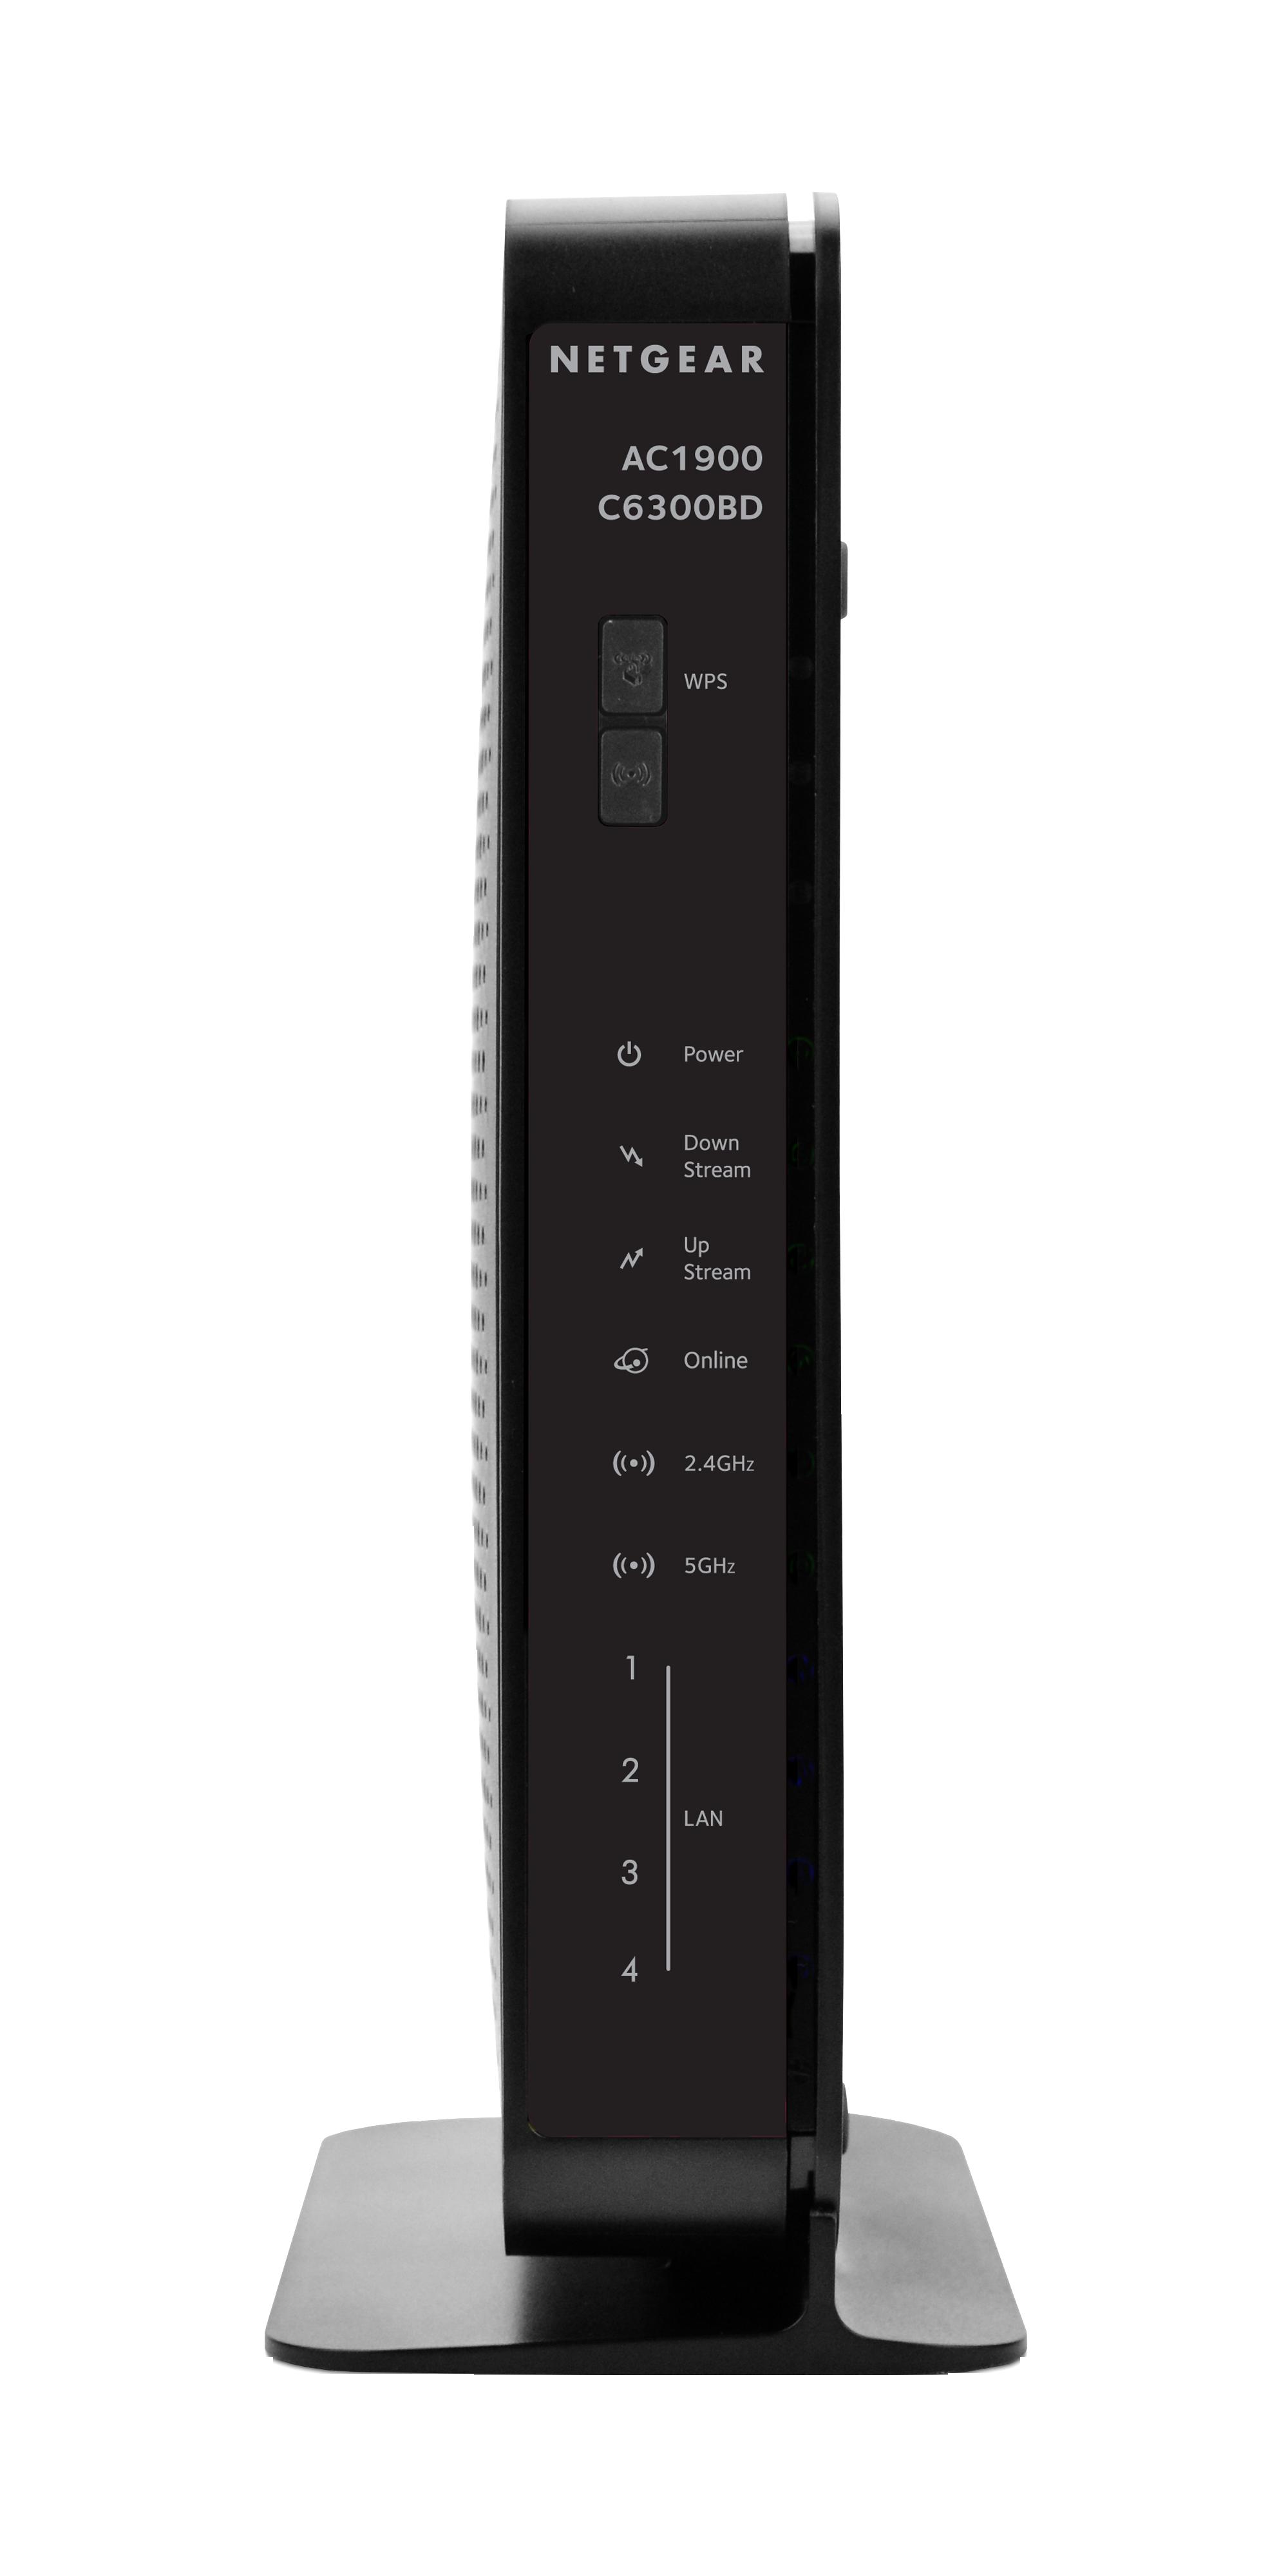 C6300bd Cox Gateways Cable Service Providers Netgear